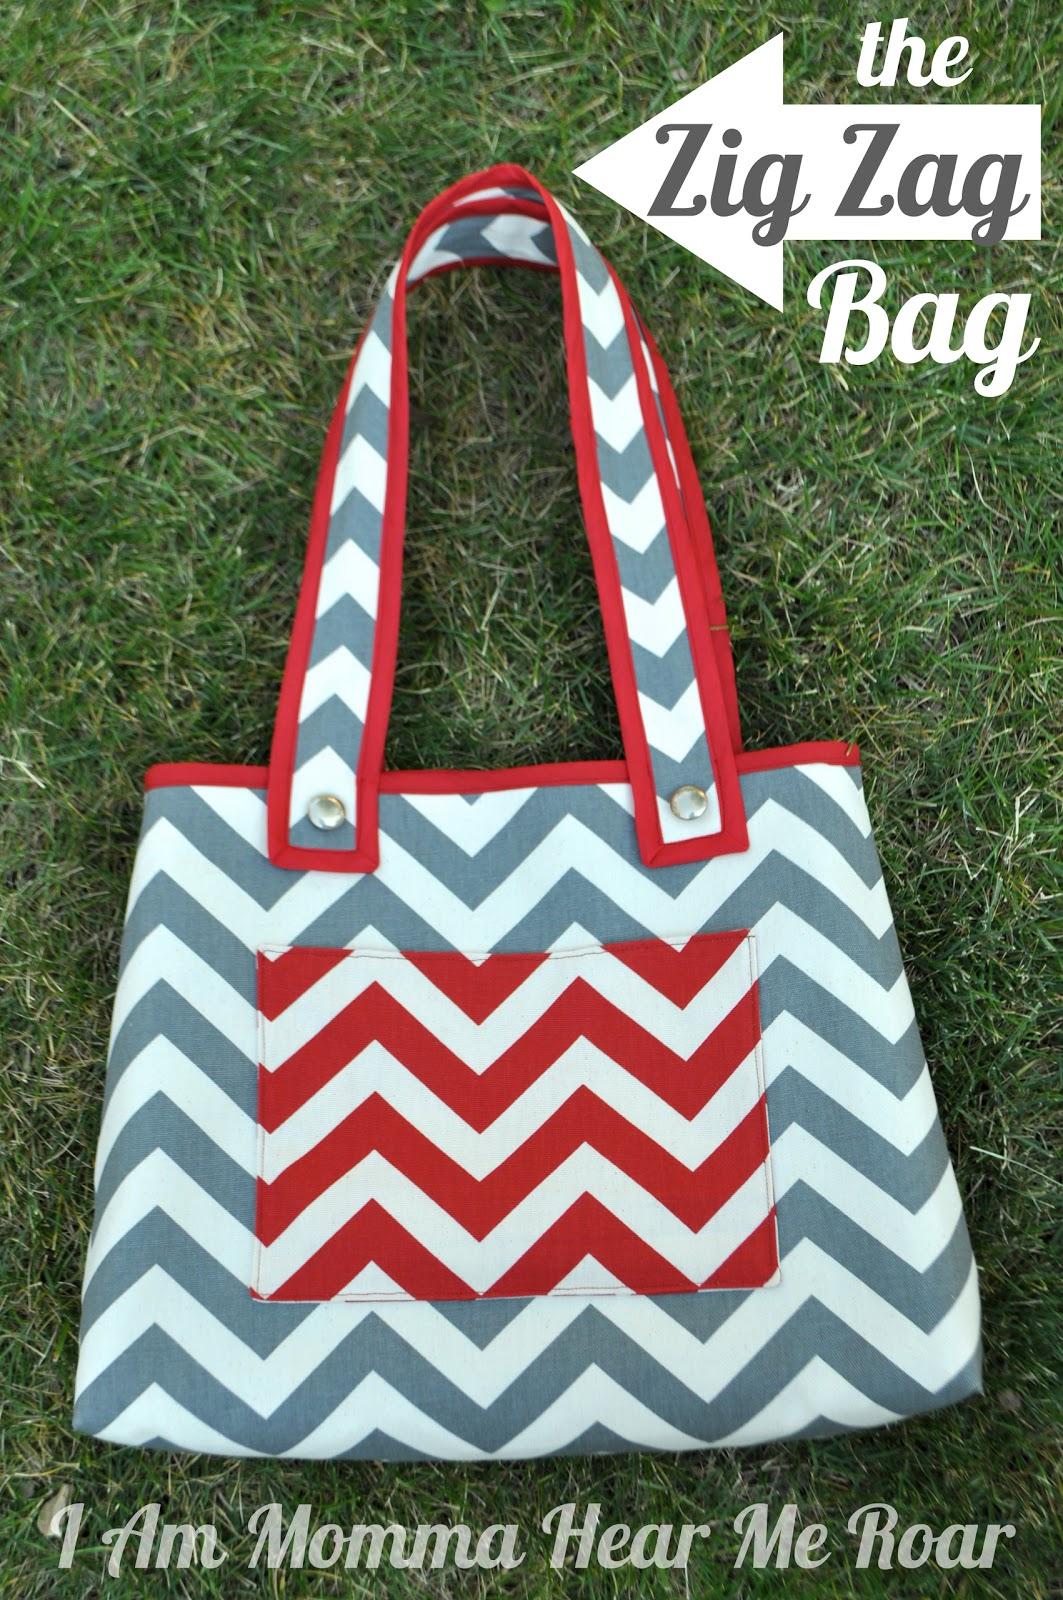 http://4.bp.blogspot.com/-MfB2aMlm2MU/UEvauf3YRvI/AAAAAAAAQZw/kYYHpdWuF9w/s1600/zigzag+bag.jpg